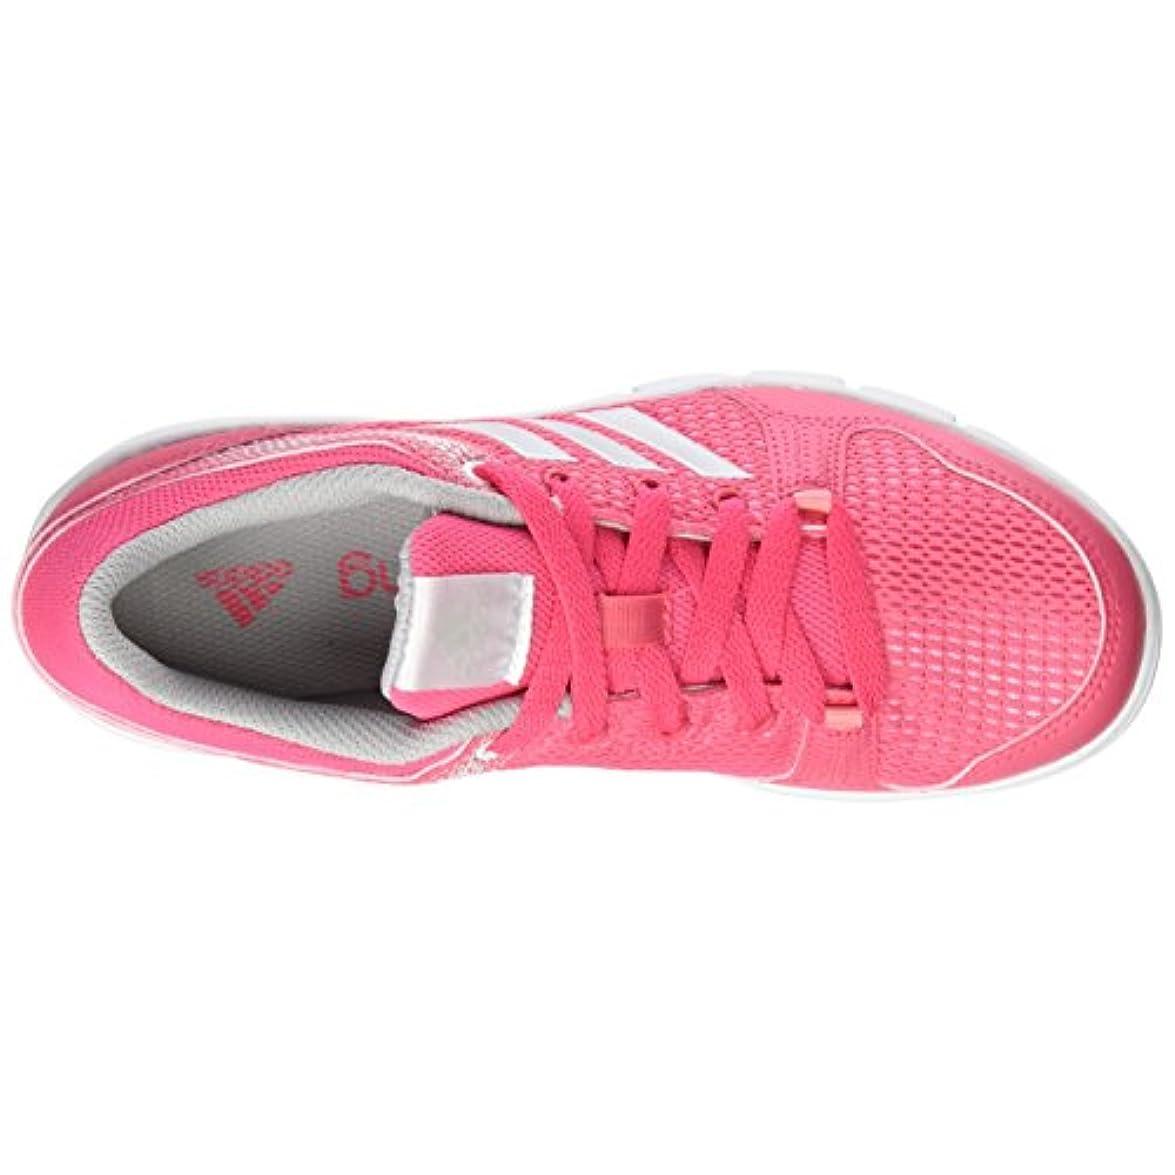 Adidas Niraya Scarpe Da Fitness Donna